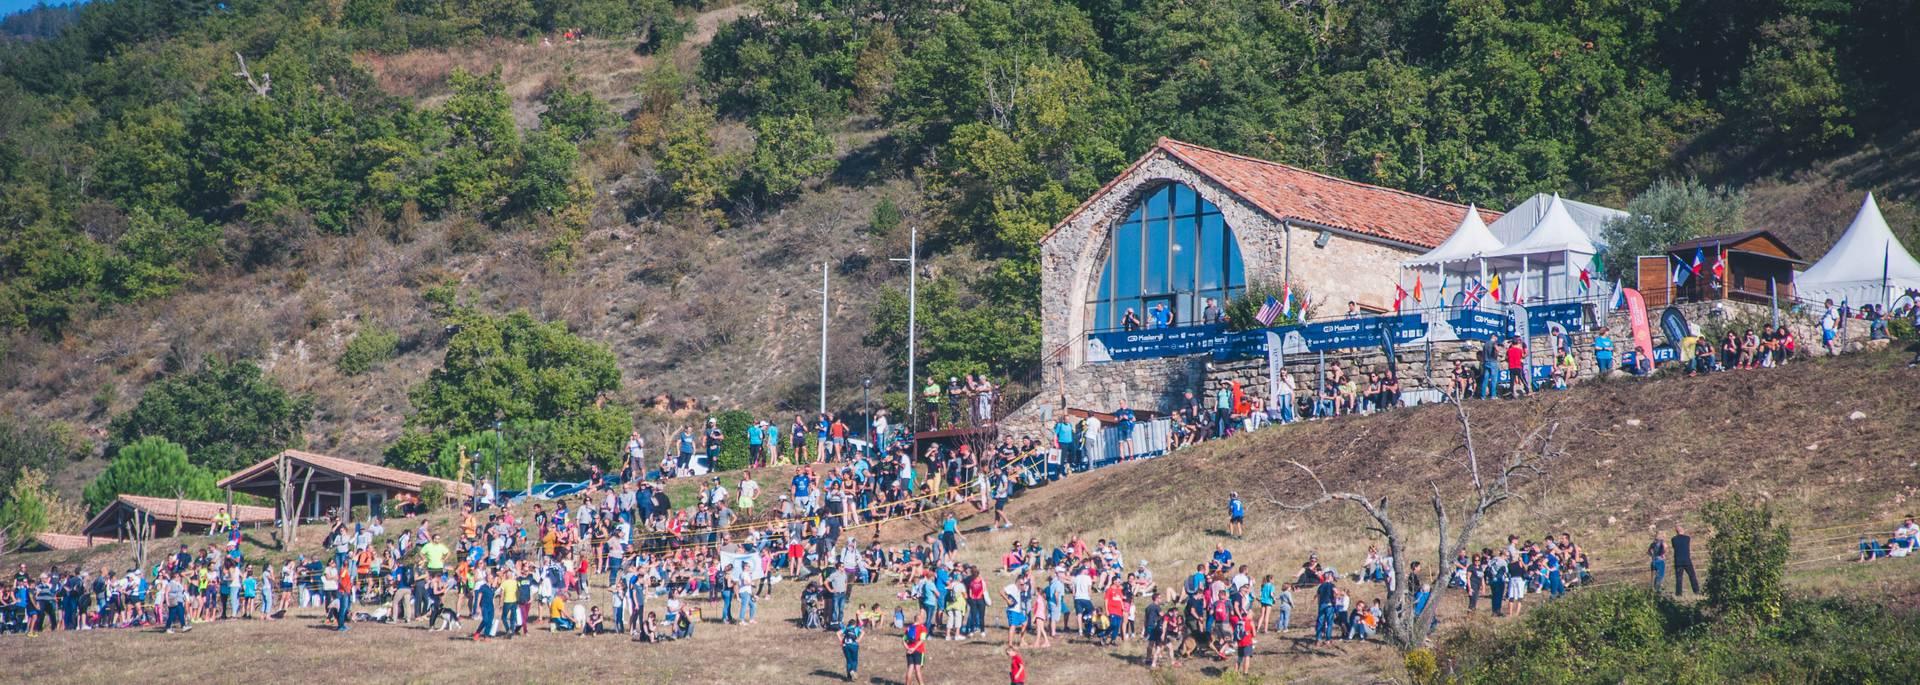 Le coeur du Festival : le village des Templiers au porte de la Ville de Millau.